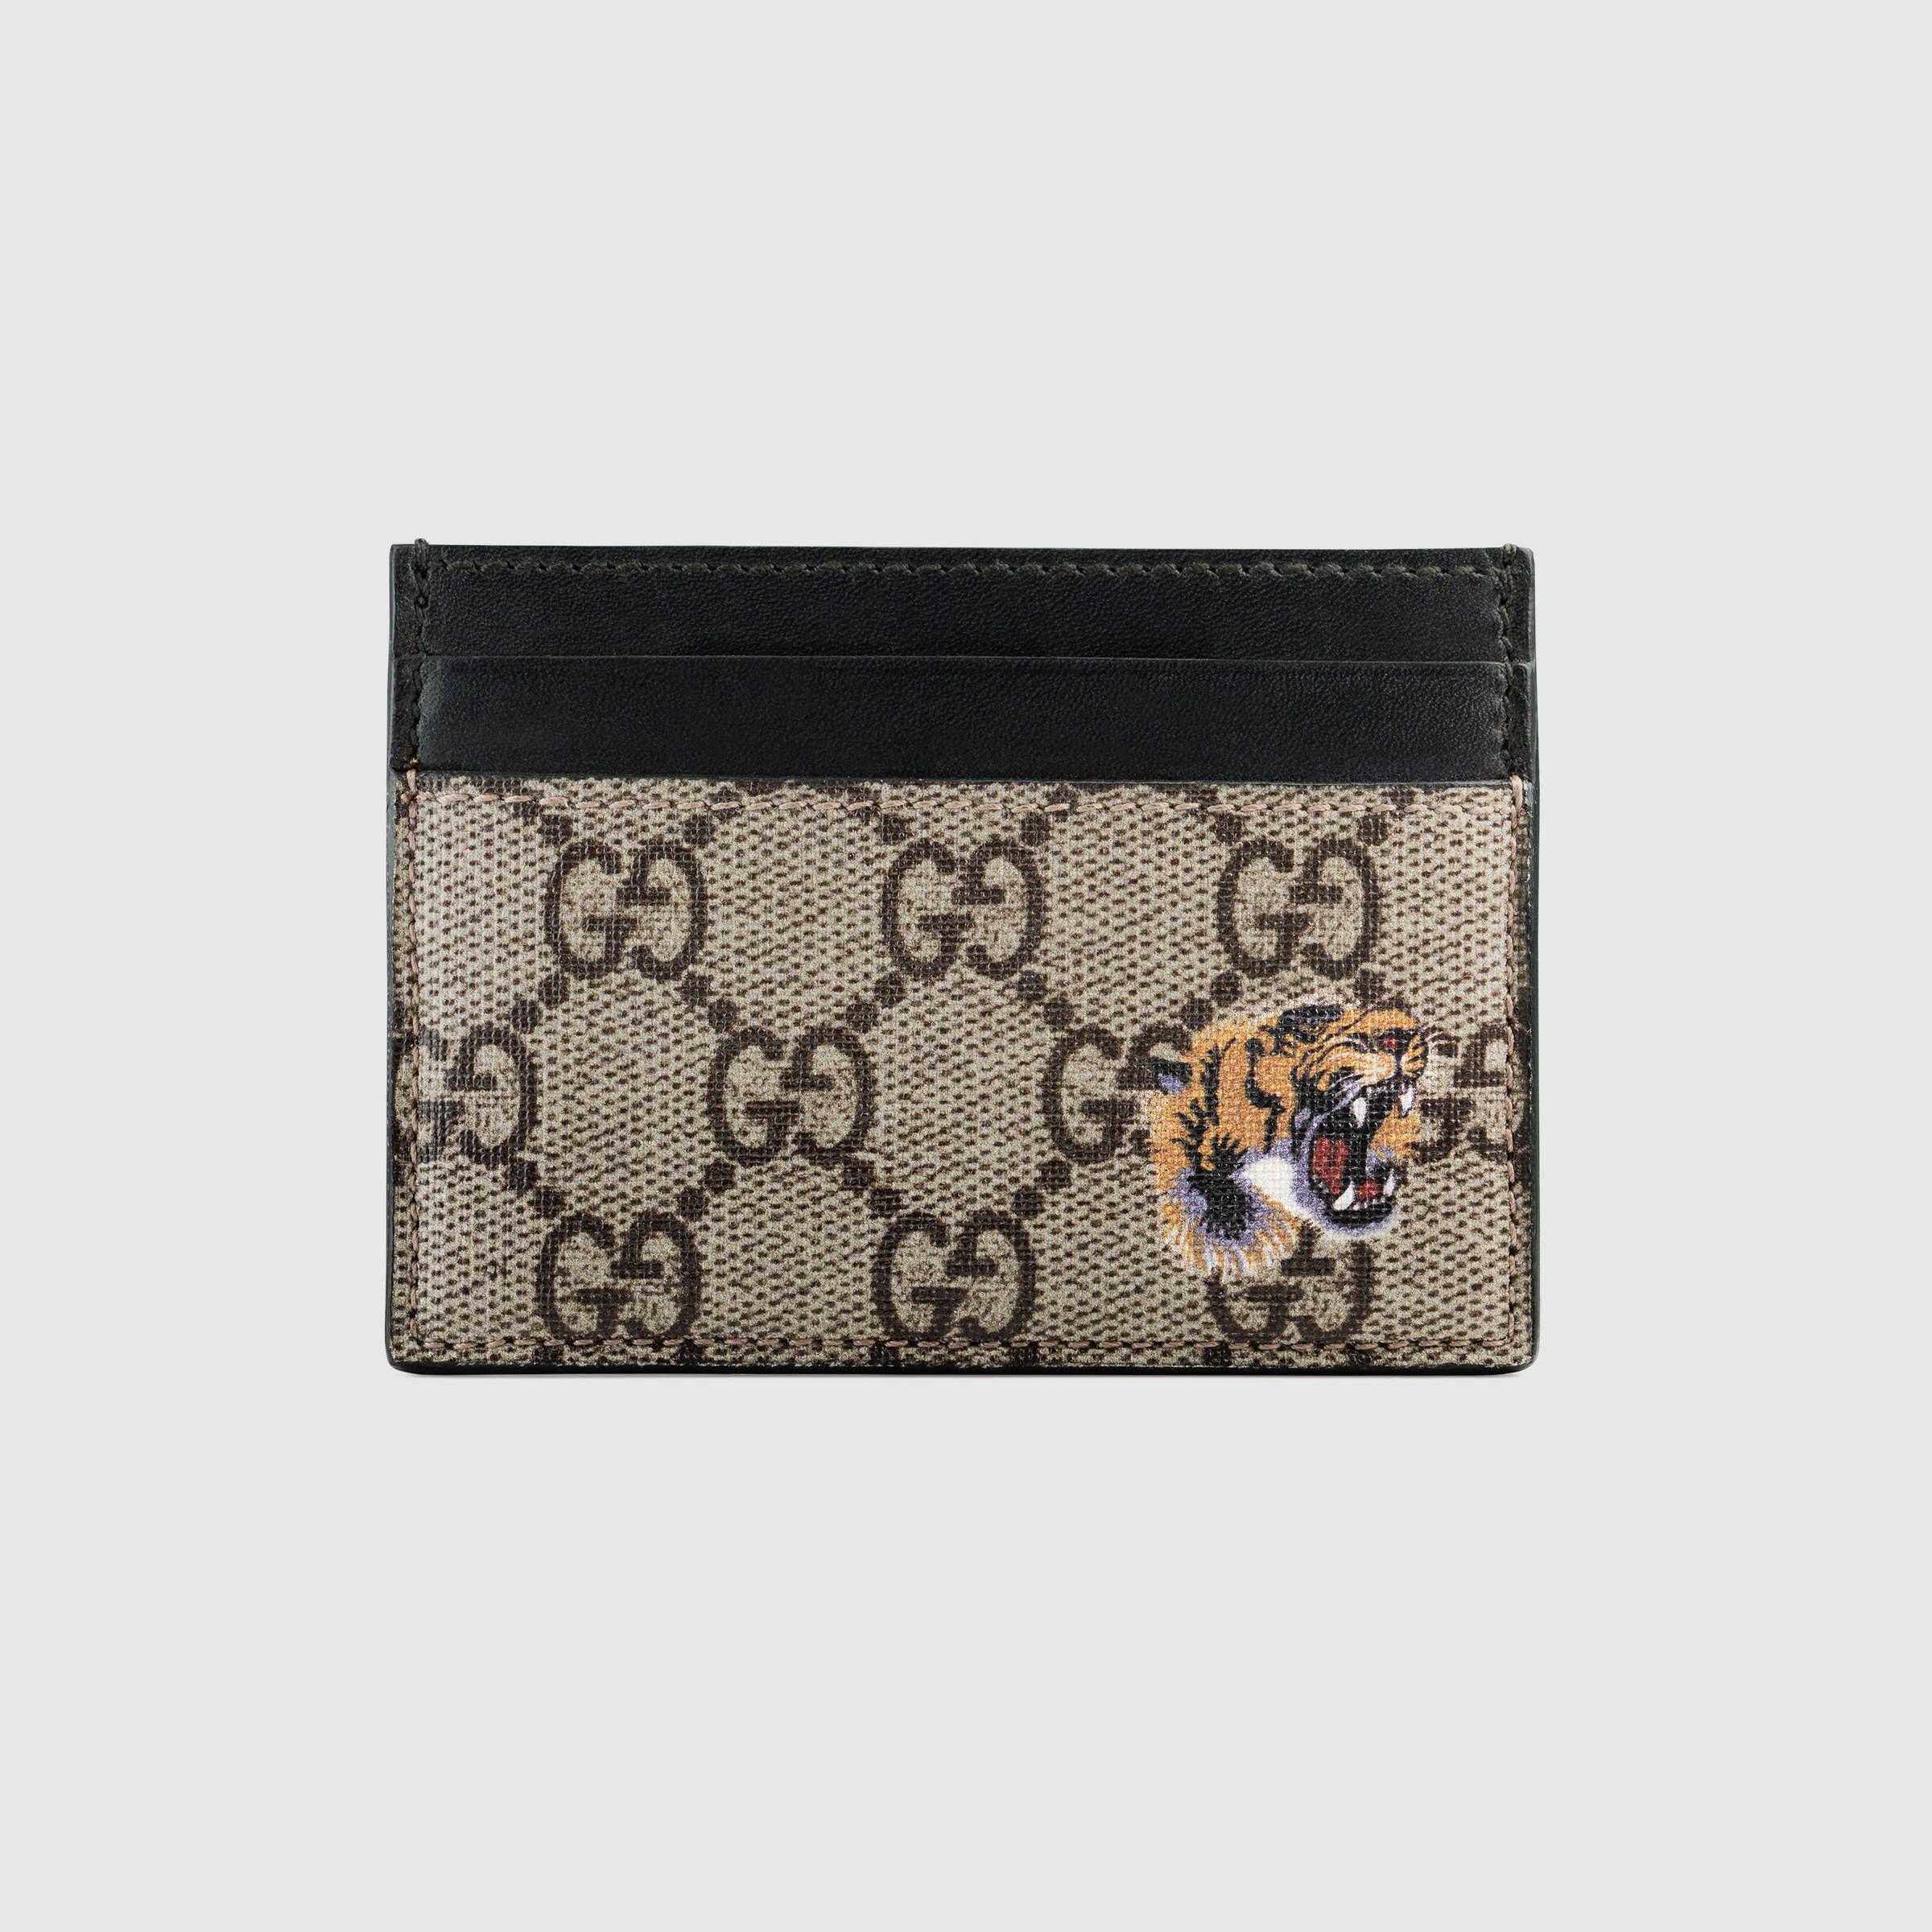 Gucci Tiger print GG Supreme card case in 2019